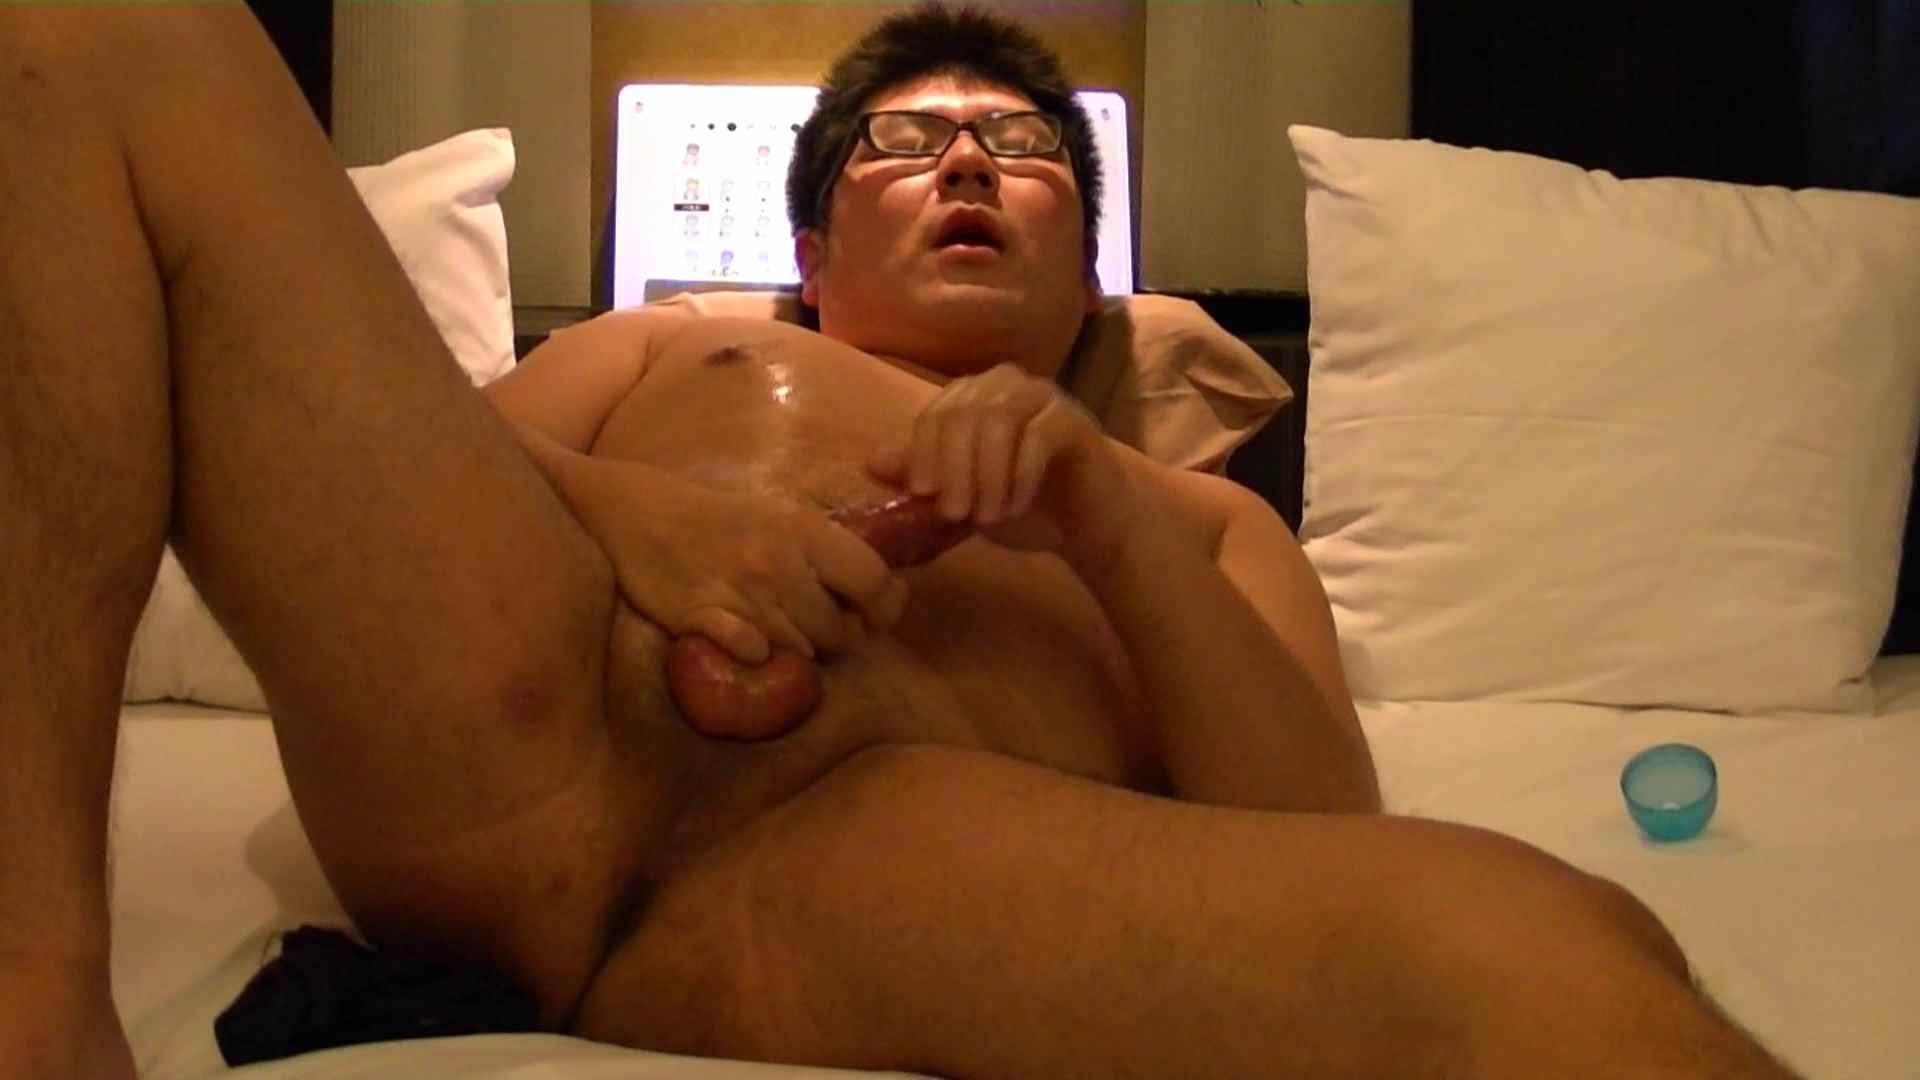 ゲイ アナル|Mr.オナックスさん投稿!HD 貴方のオナニー三万円で撮影させてください。VOL.03 後編|ローション